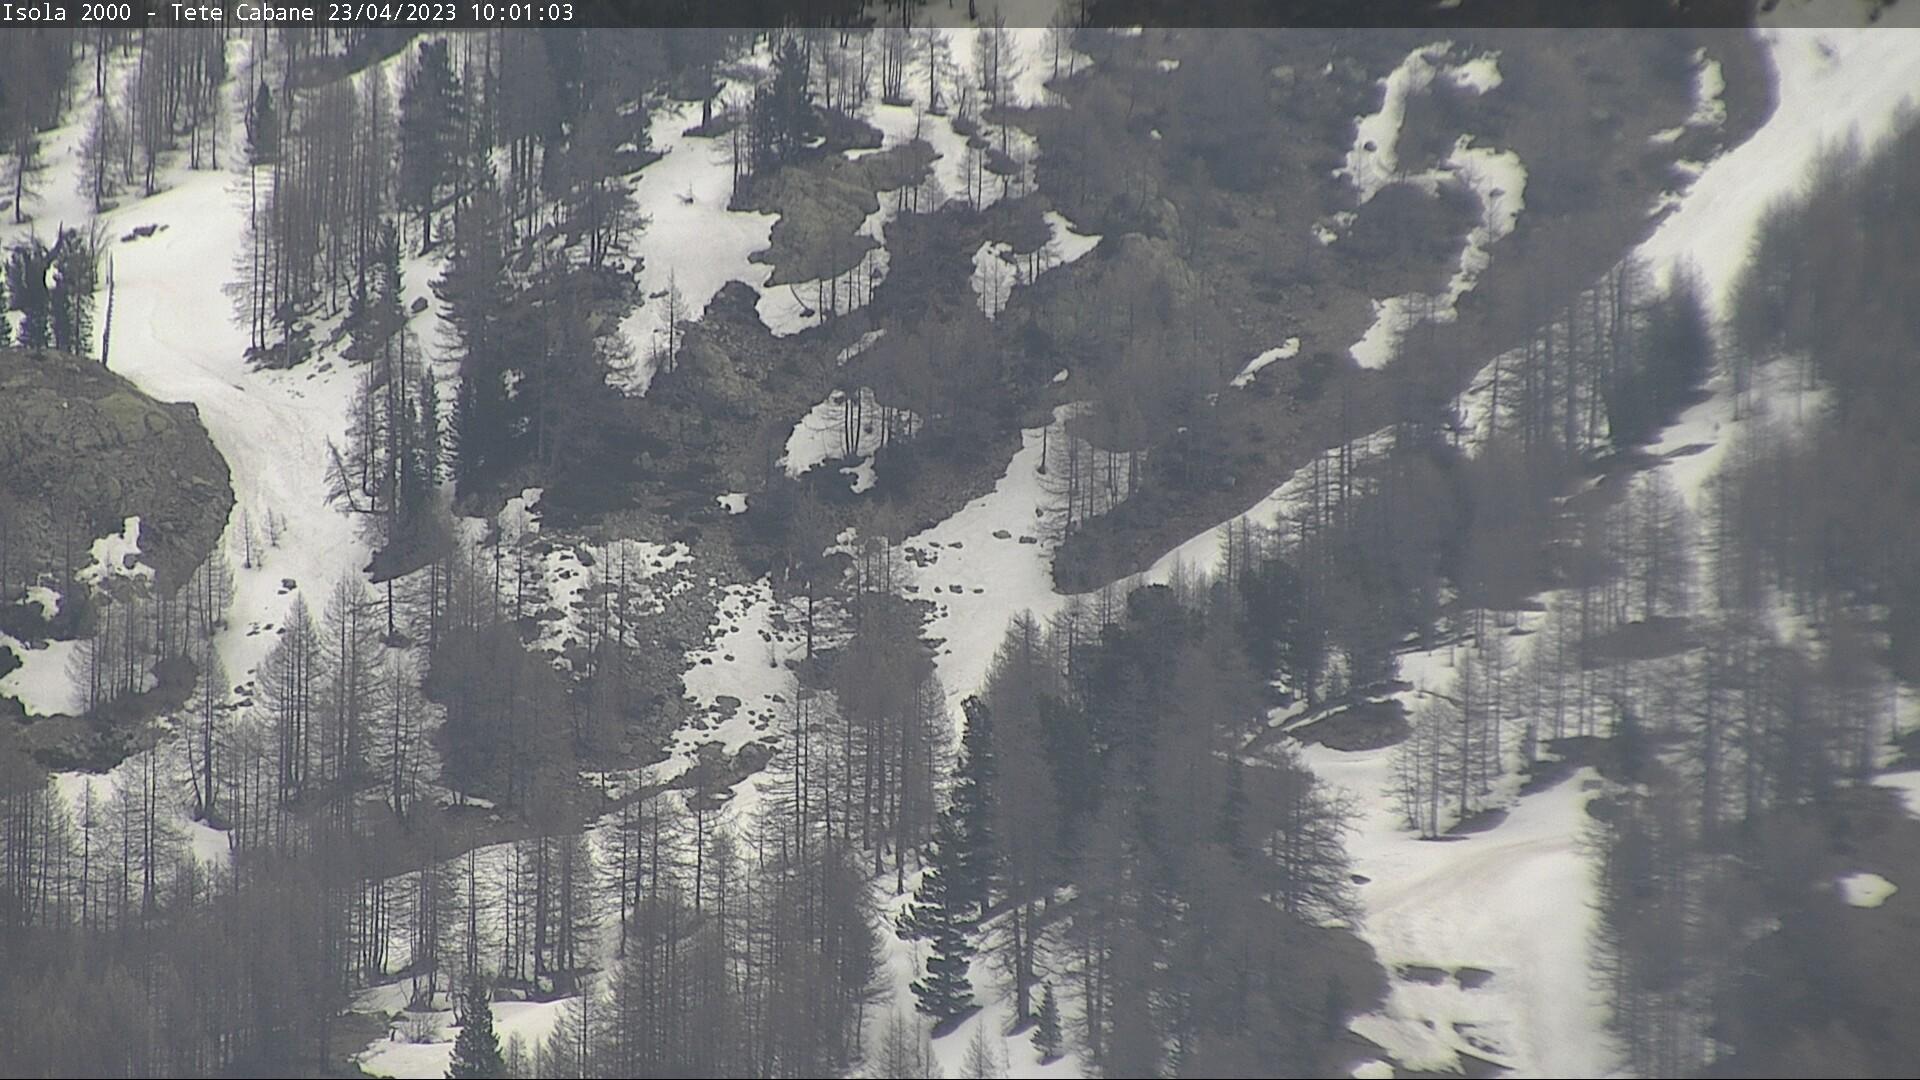 Webkamera Isola 2000